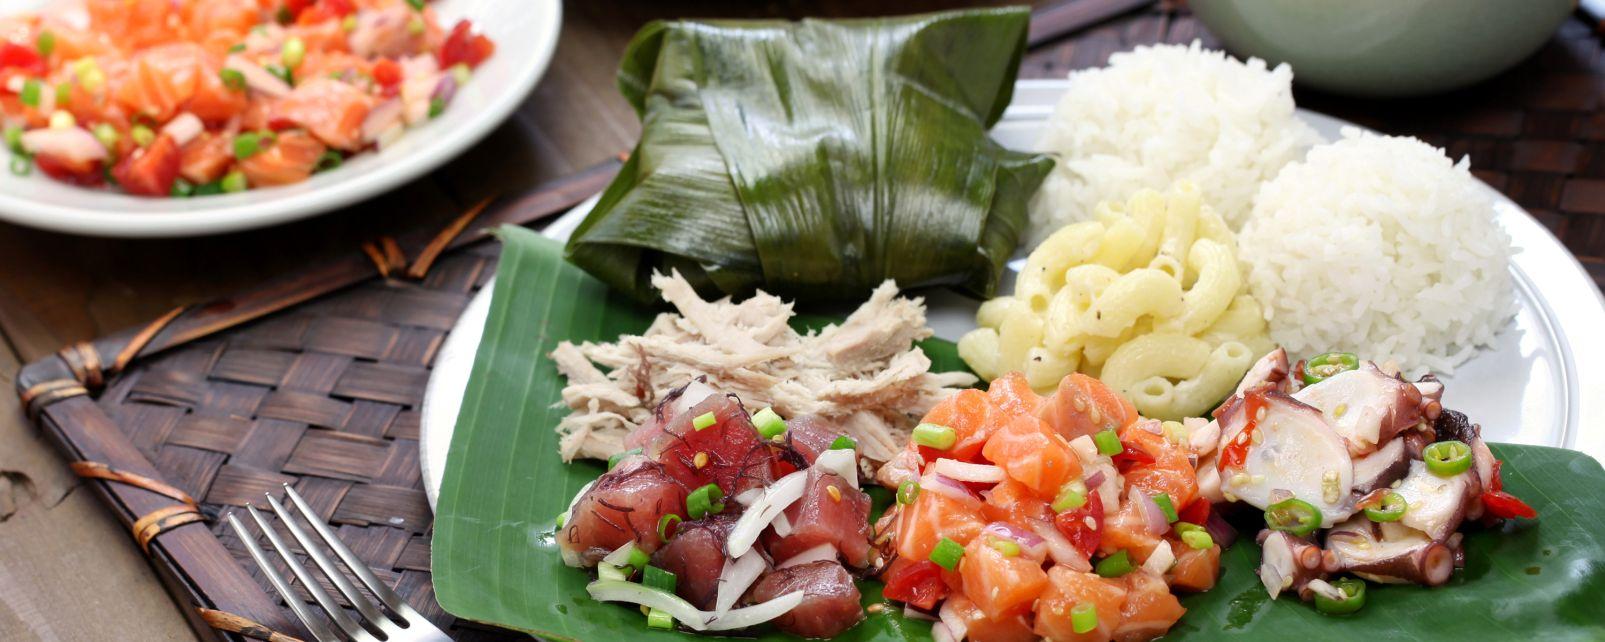 , Las influencias portuguesas, Gastronomía, Hawaï